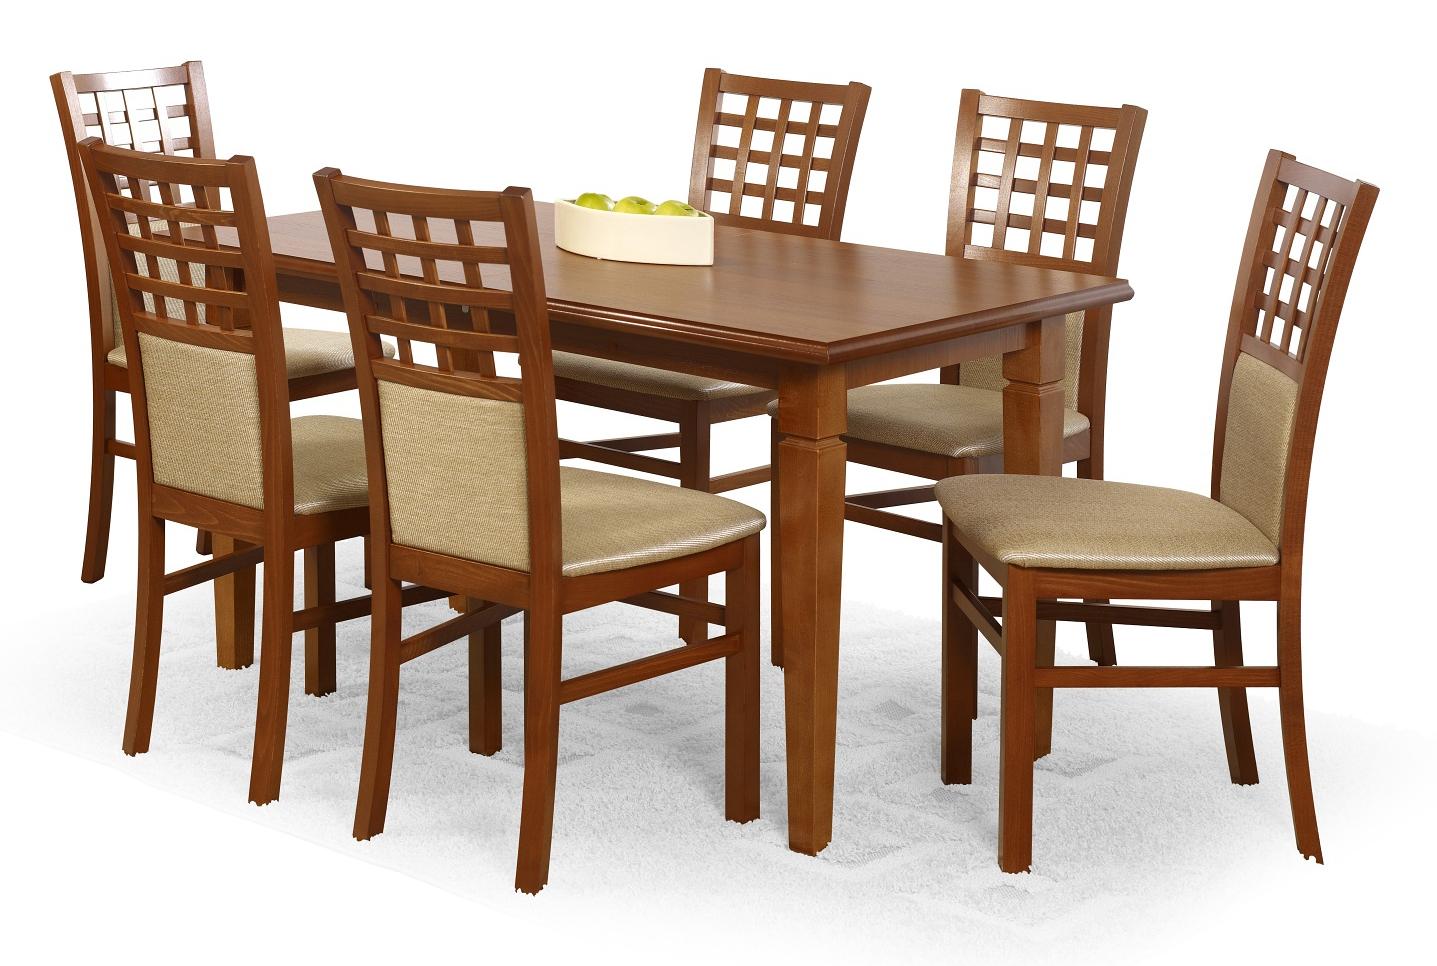 Jedálenský stôl - Halmar - Marcel (pre 6 až 8 osôb)